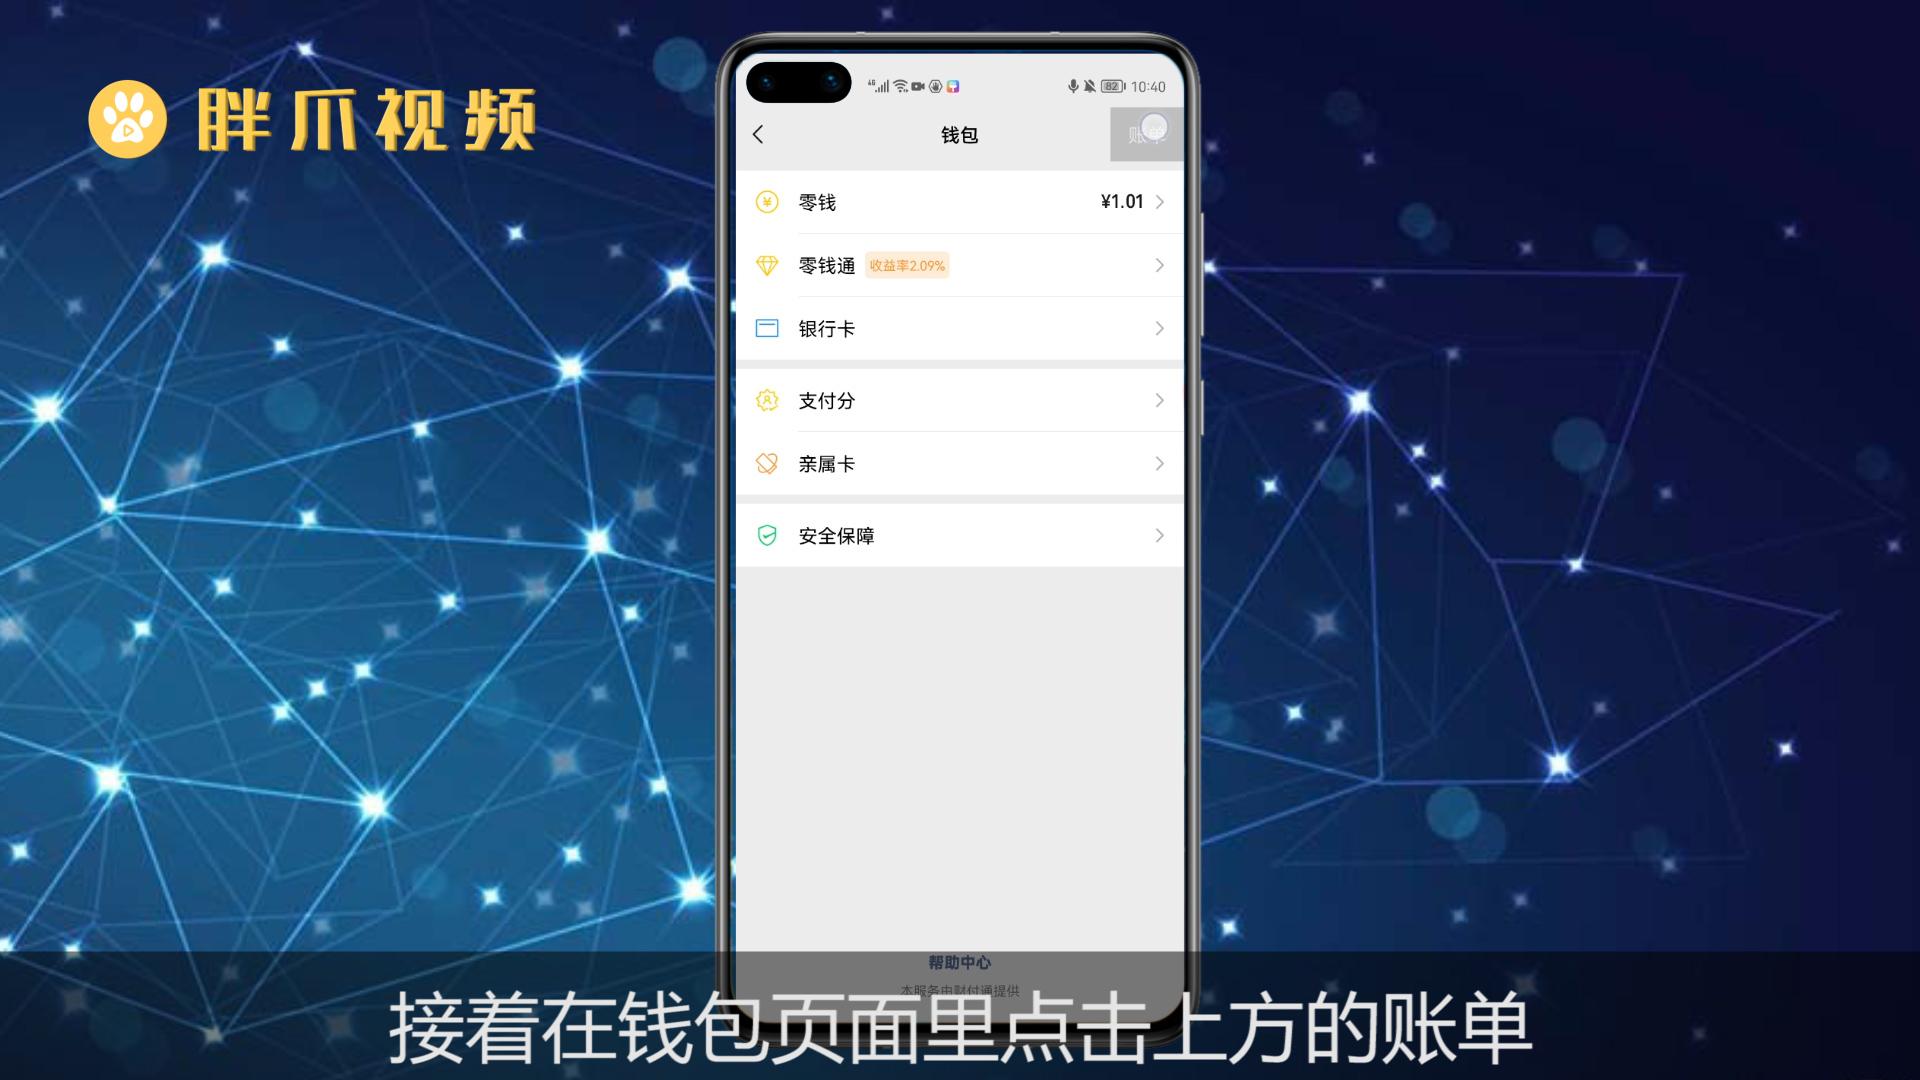 微信账单怎么彻底删除不能恢复(3)